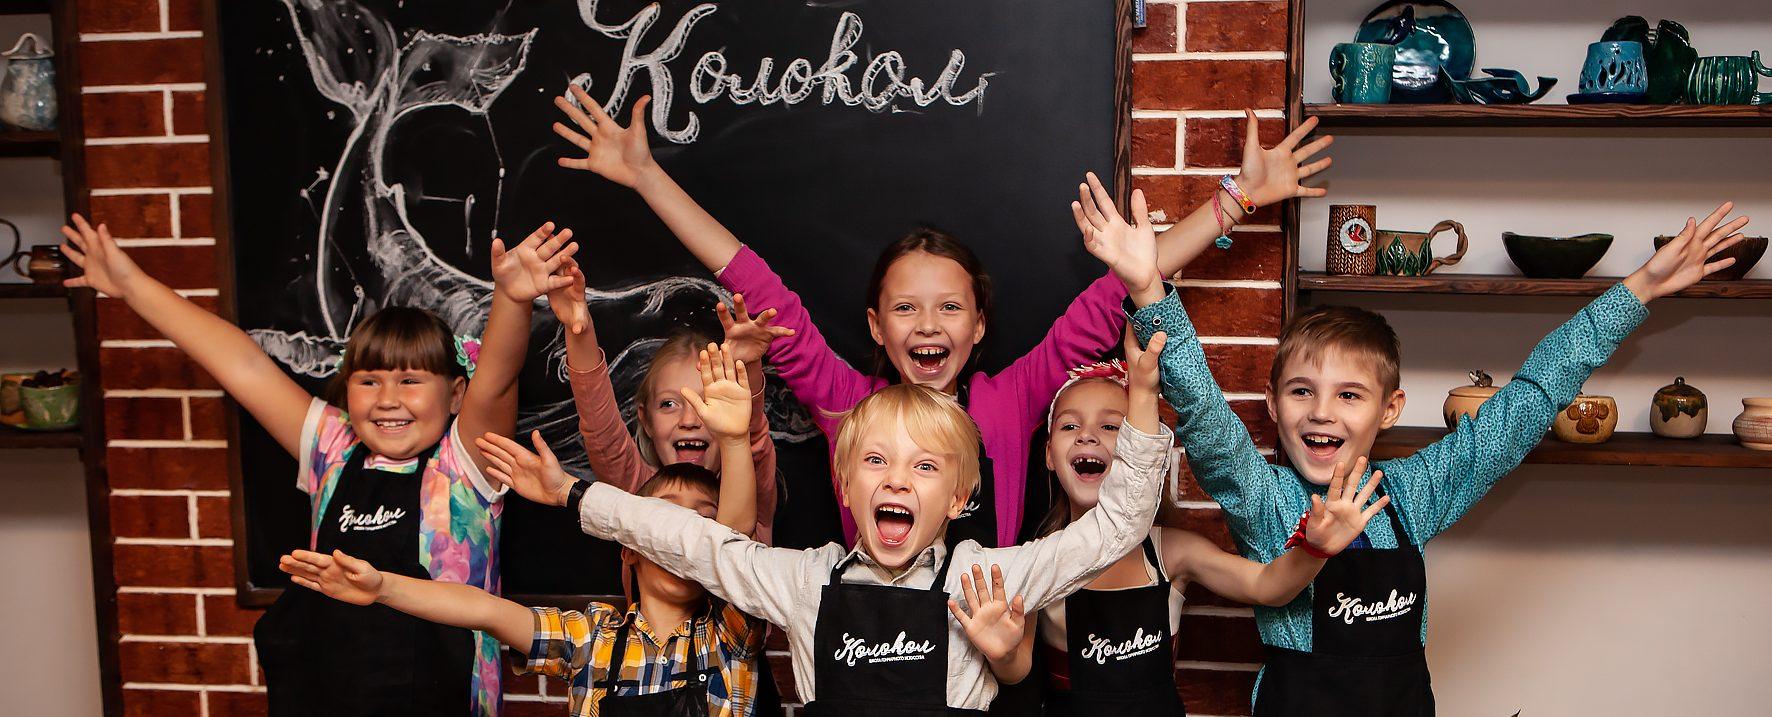 гончарная школа Колокол в Калининграде1